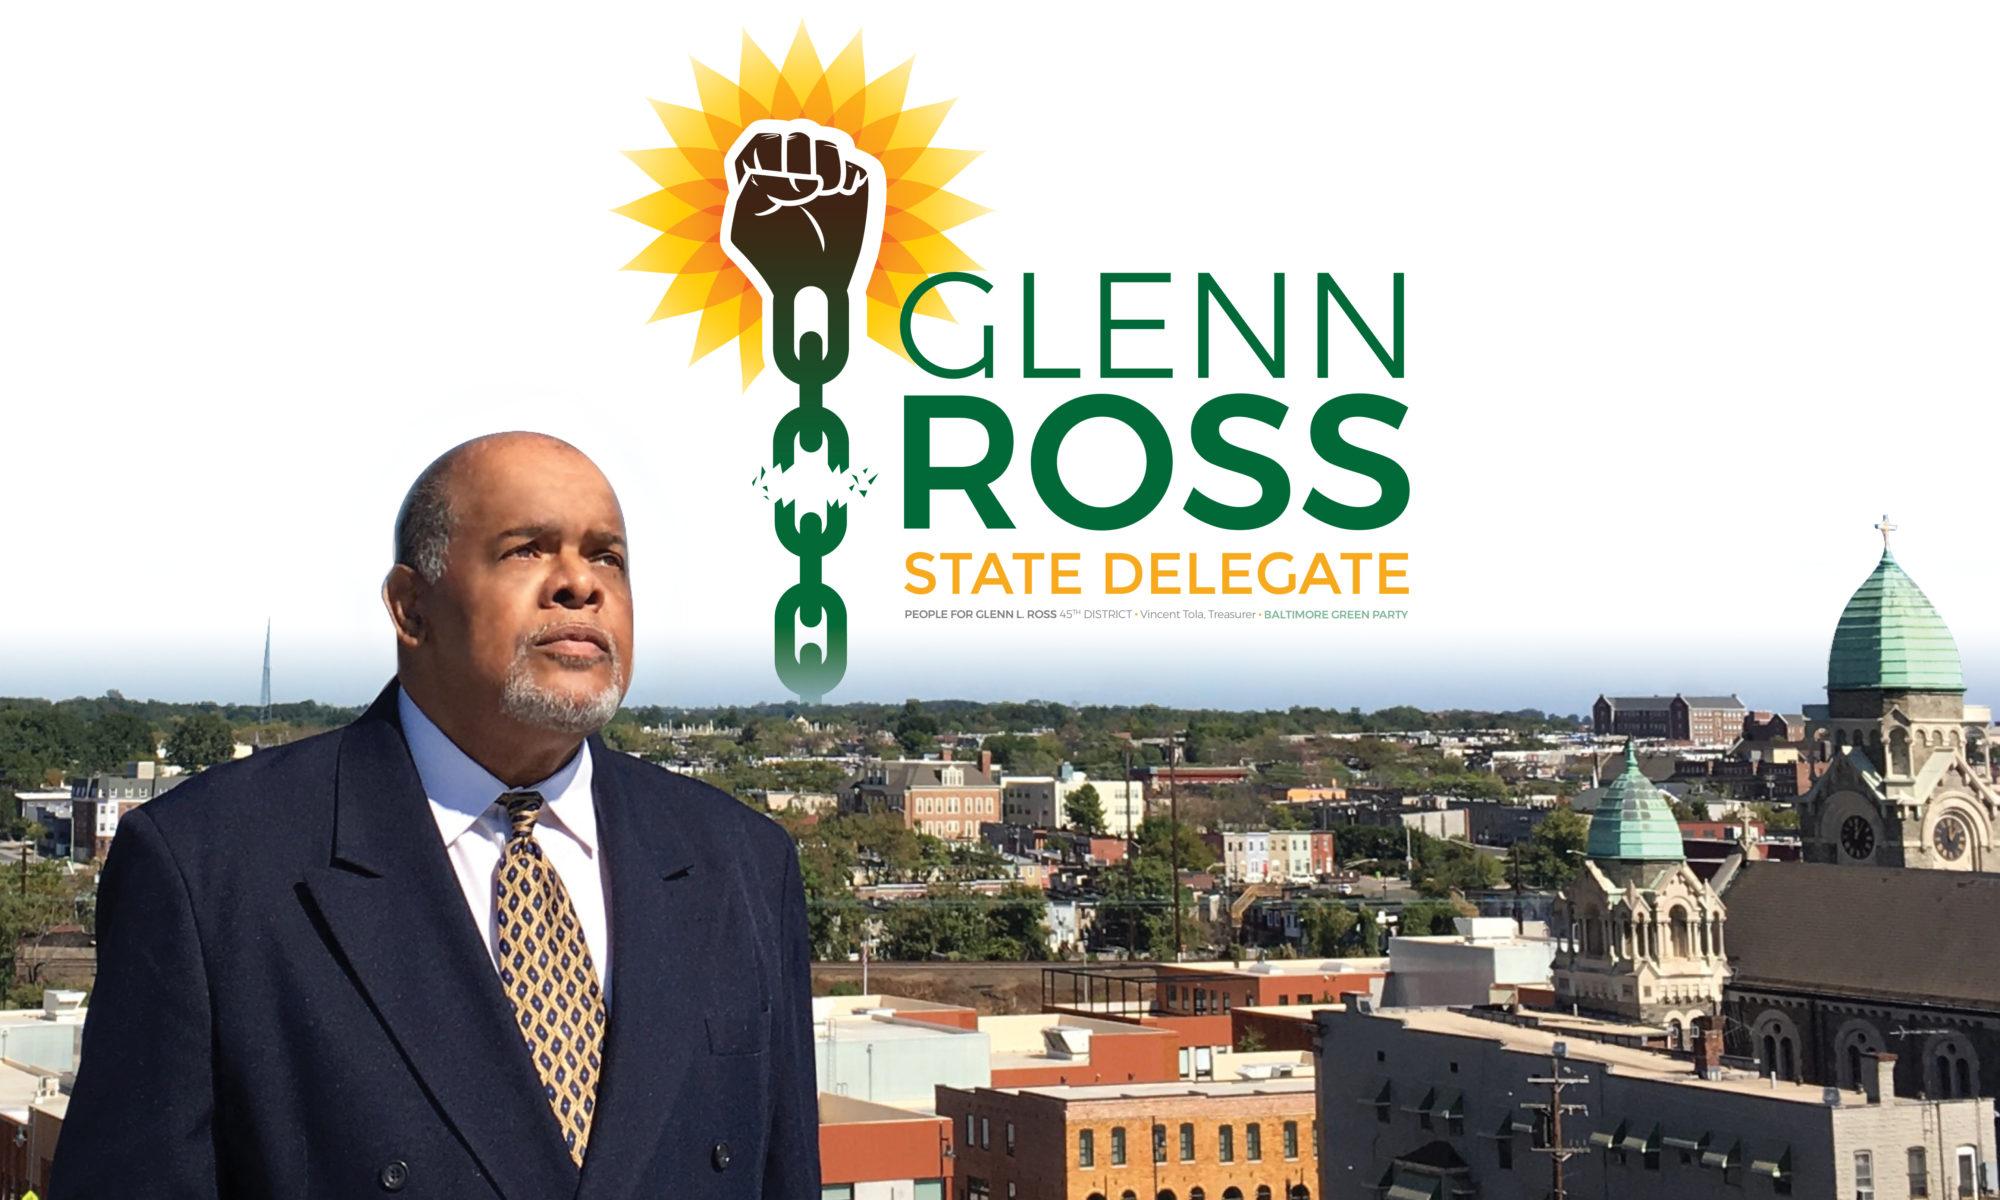 Glenn Ross | State Delegate